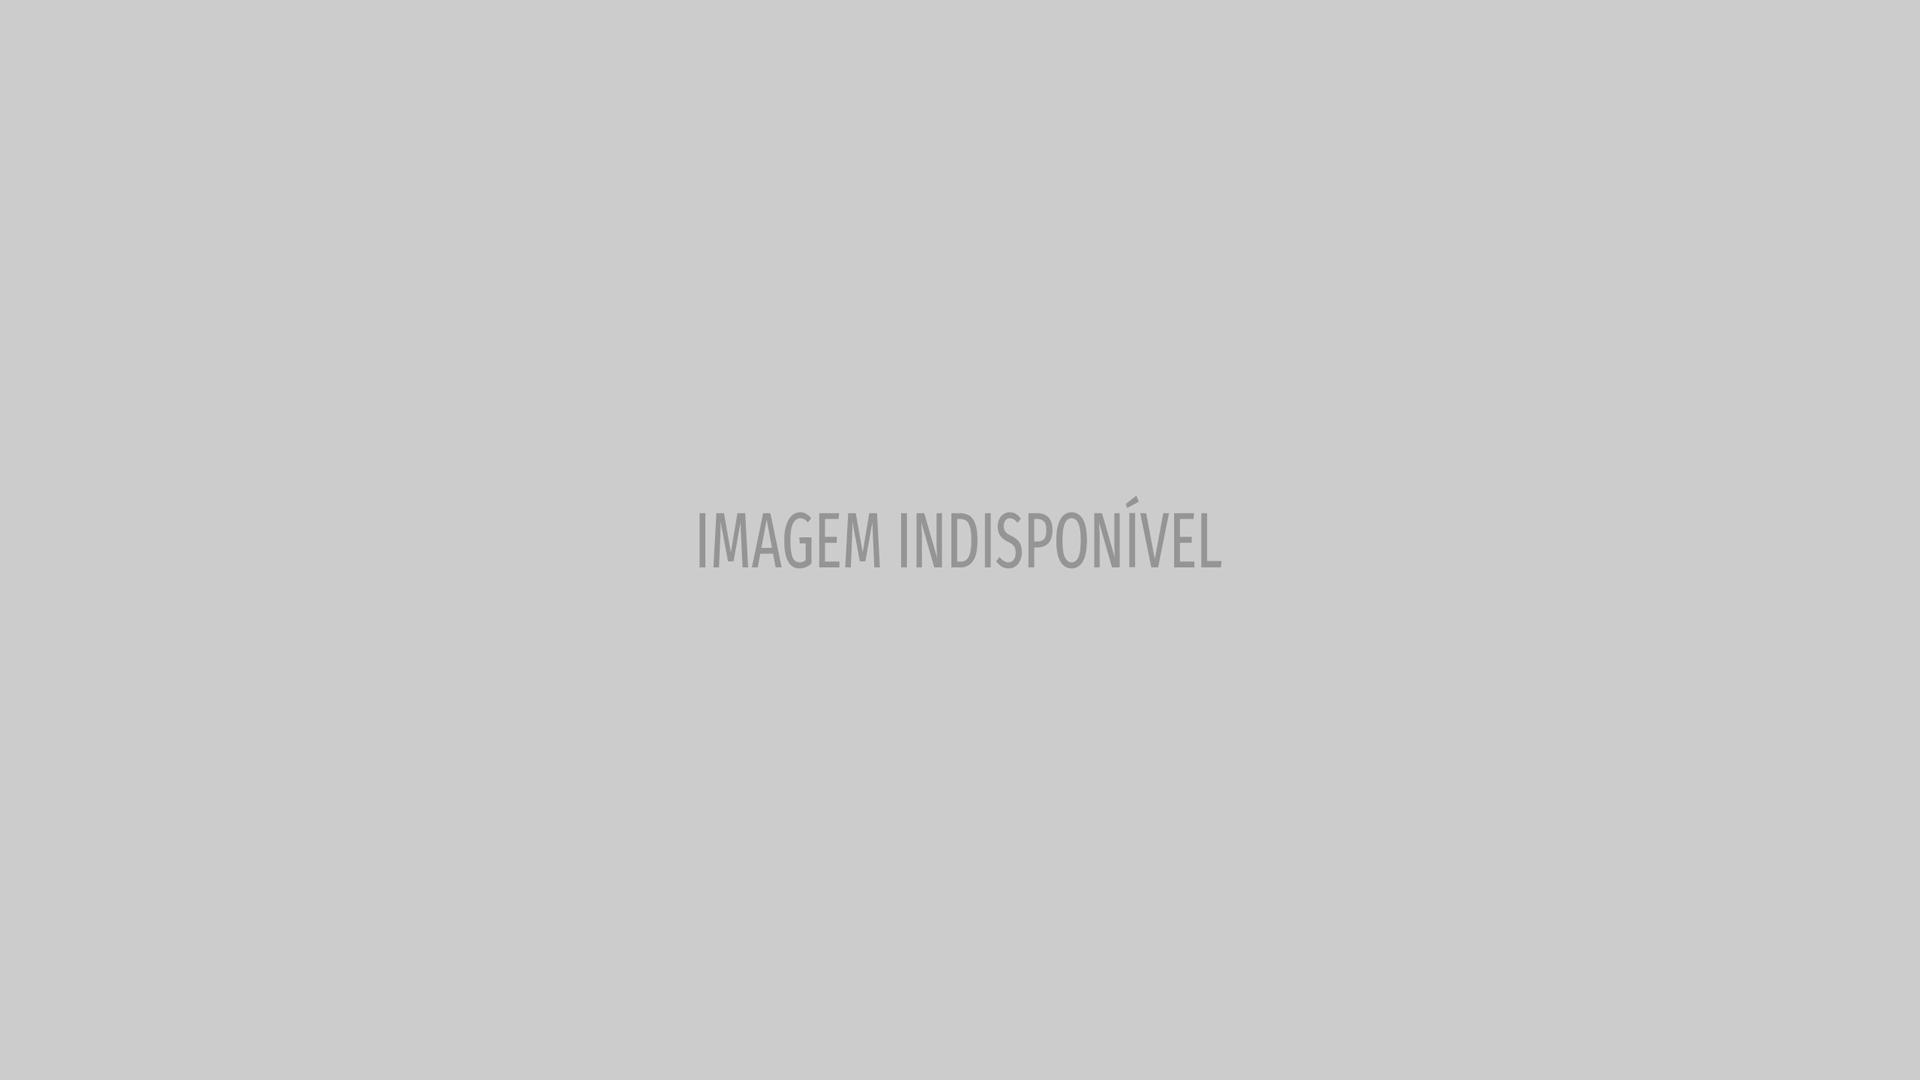 Neste treino da seleção francesa quem brilhou foi... o selecionador